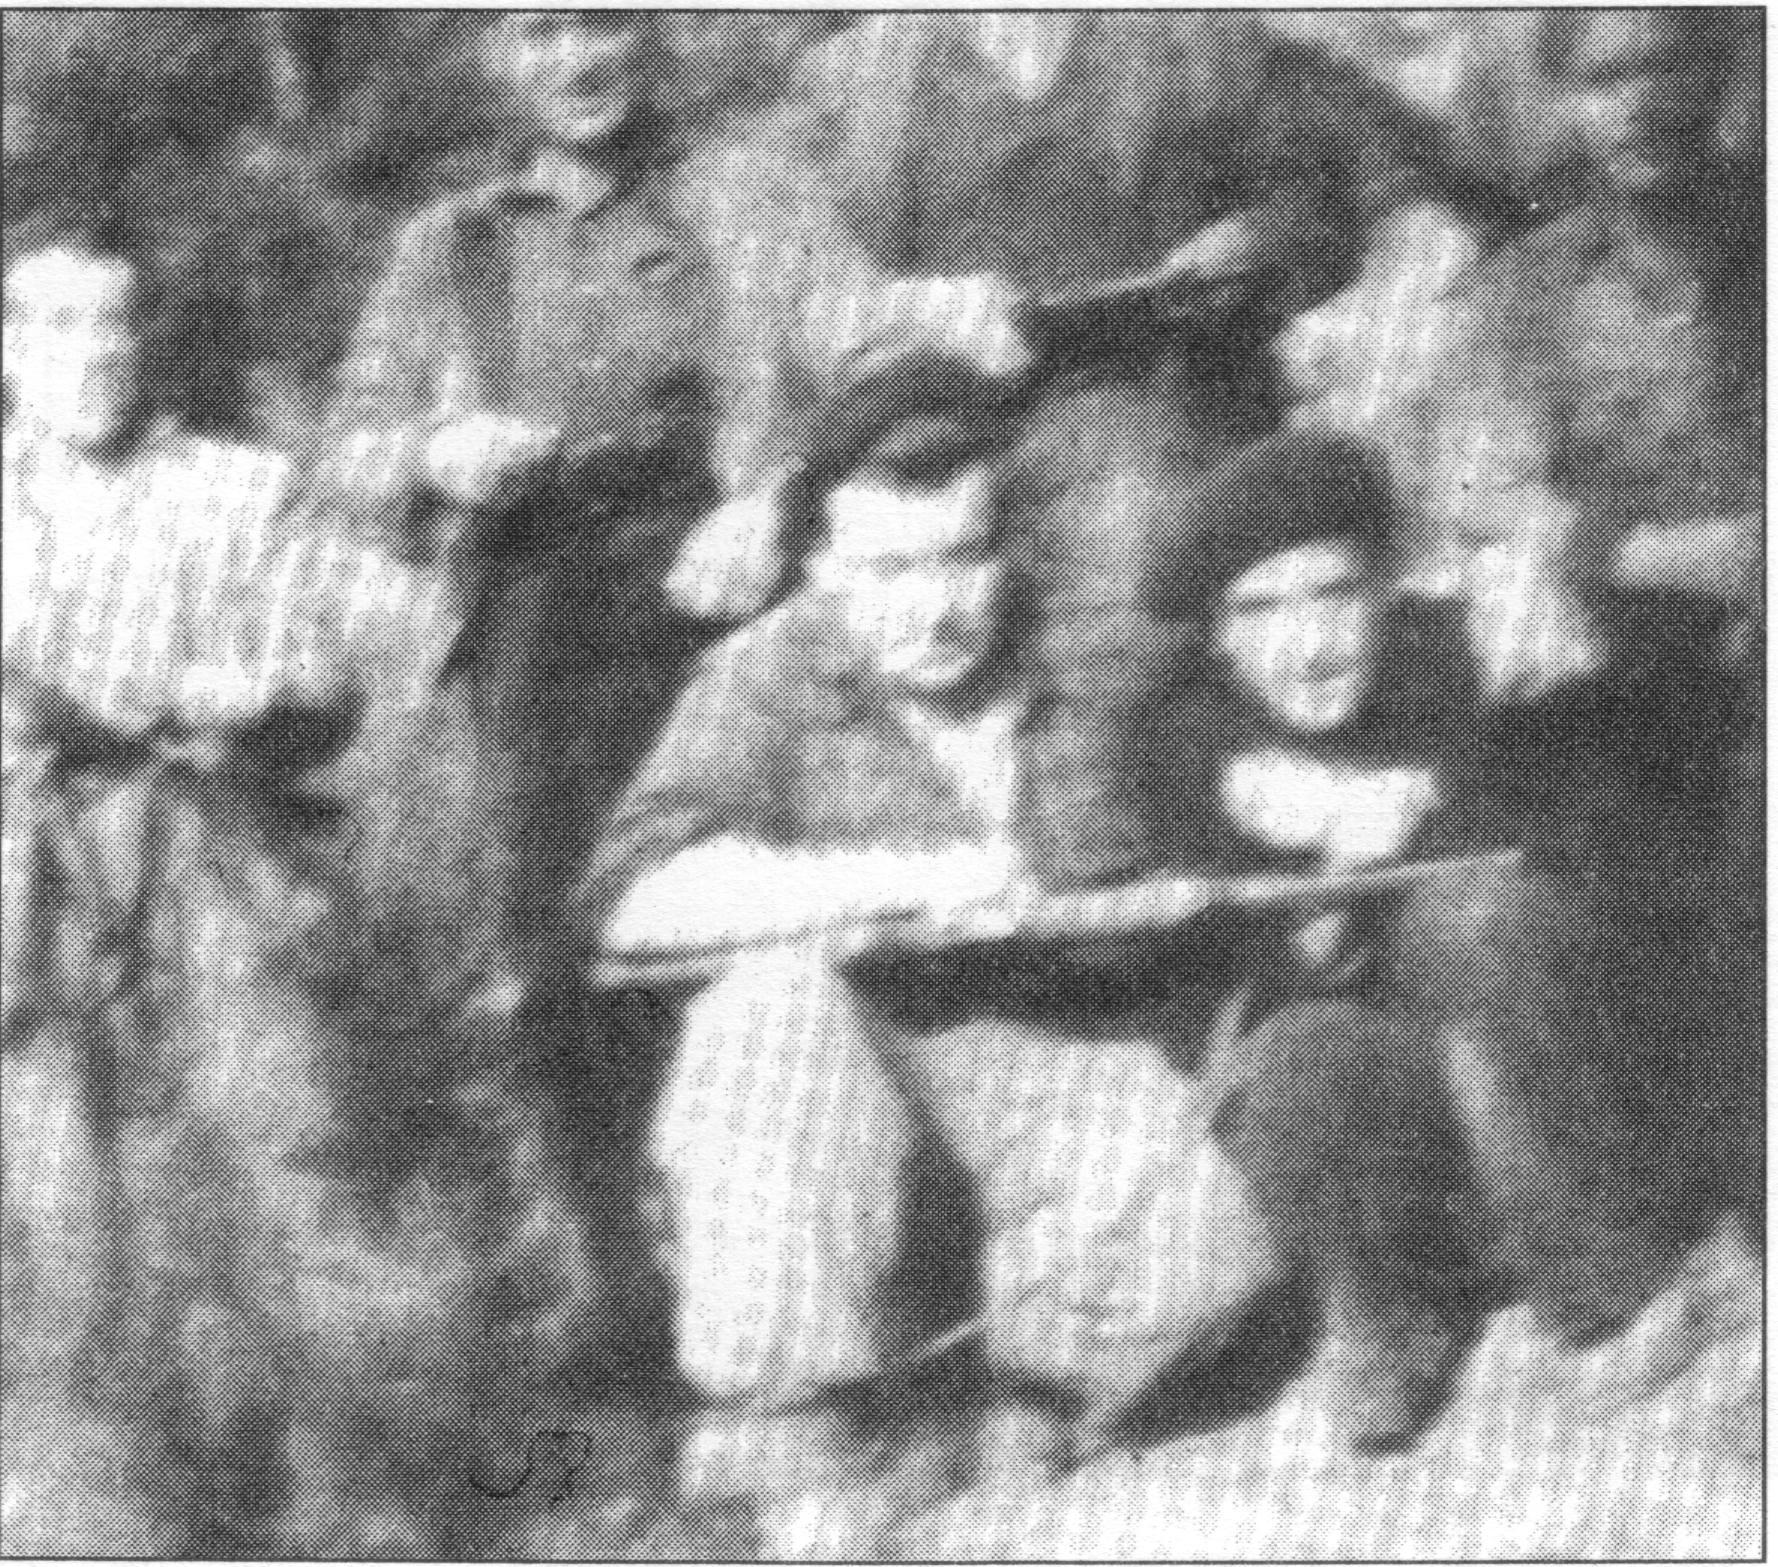 """Única foto de grupo que se conserva de la partida de Massana. Agachado en el centro, el propio """"Panxo"""", a su lado el guía Jesús Martínez """"el Maño""""."""